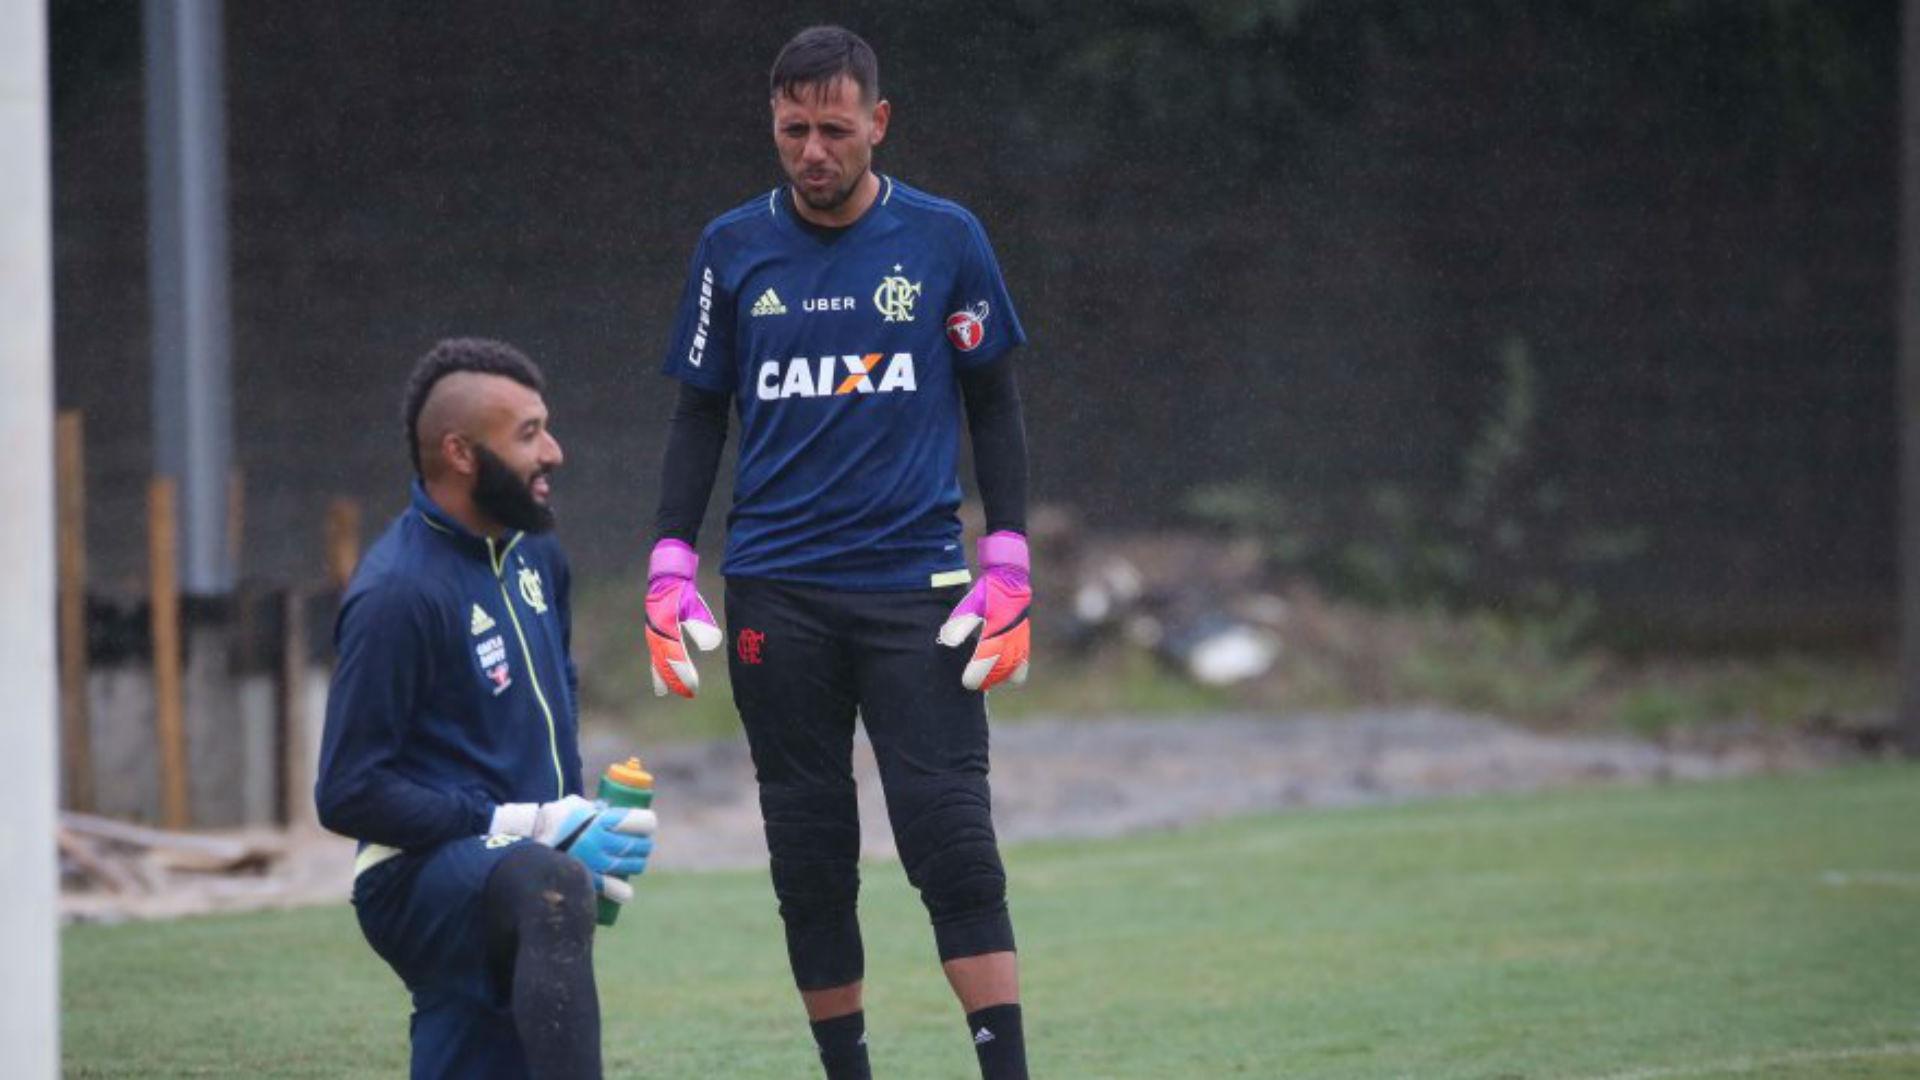 Diego Alves Muralha Flamengo treino 18 07 2017